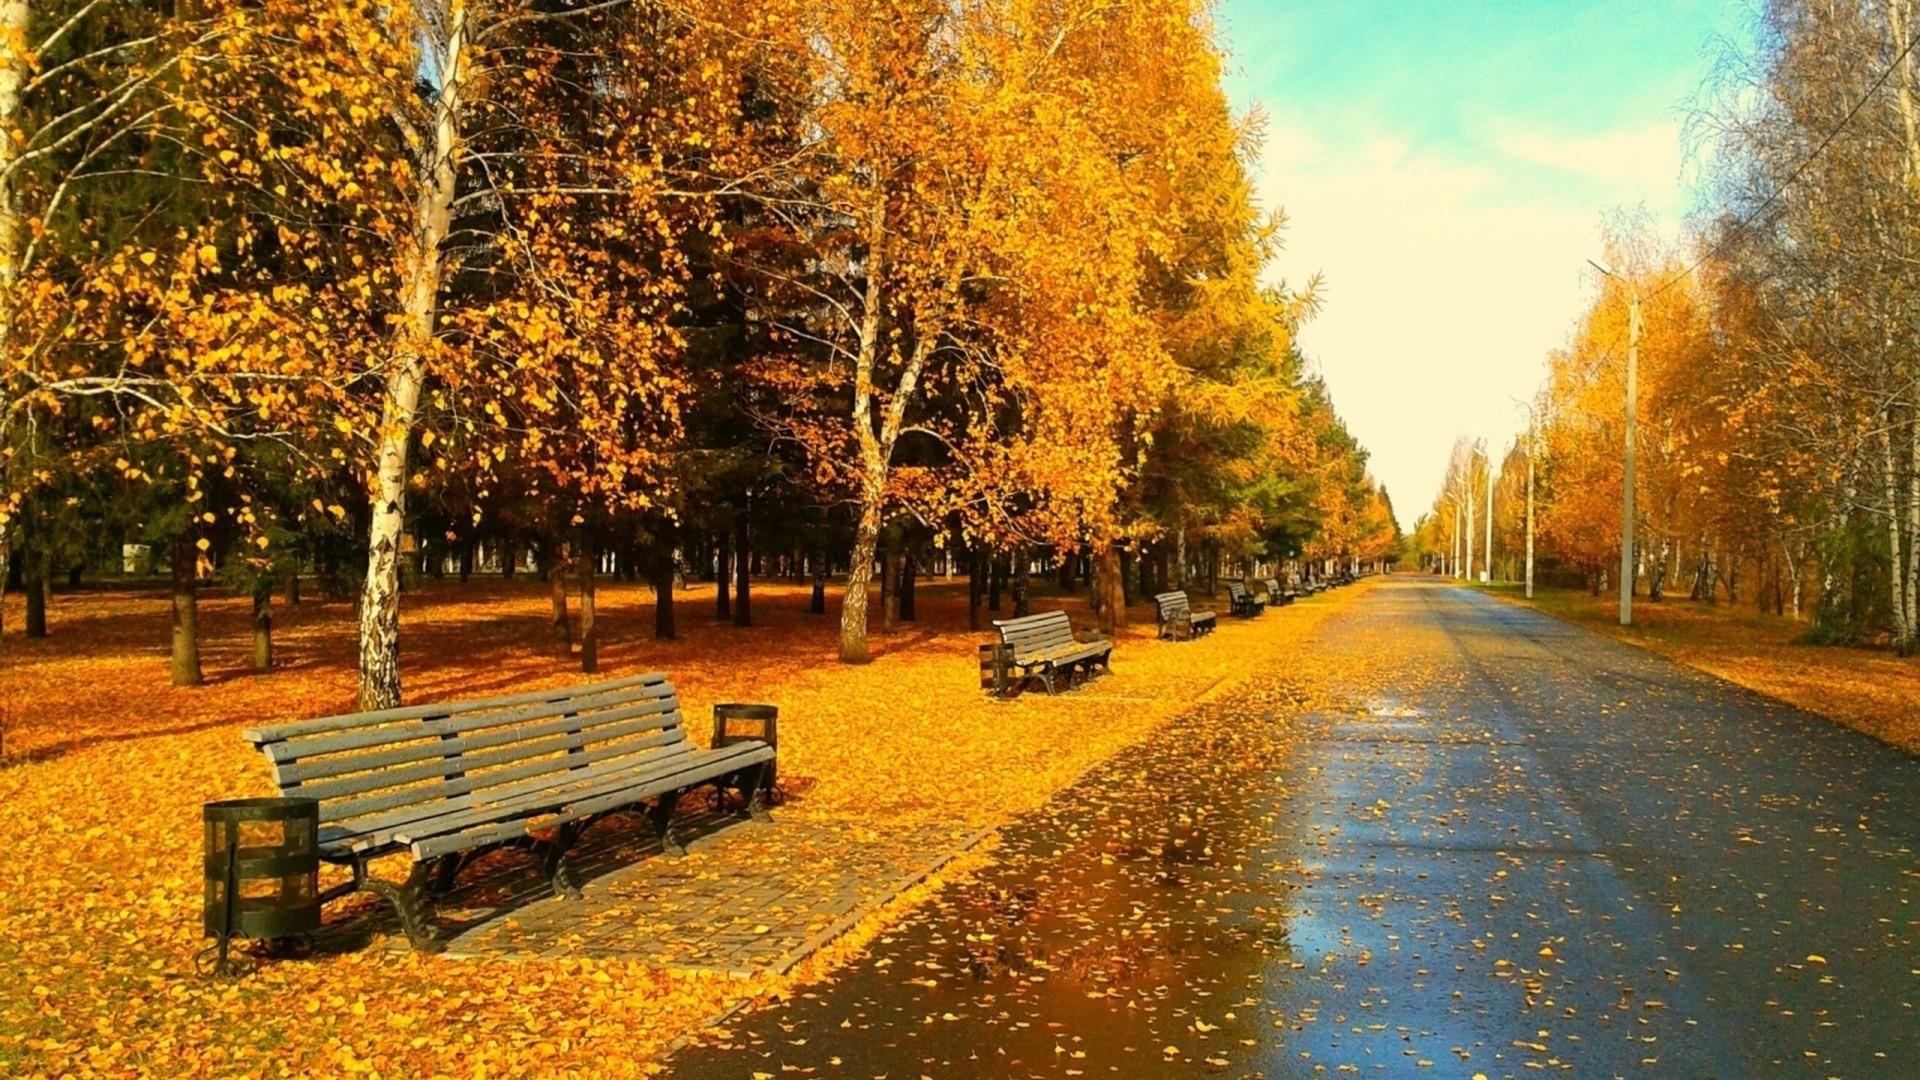 Autumn Wallpaper for Desktop HD